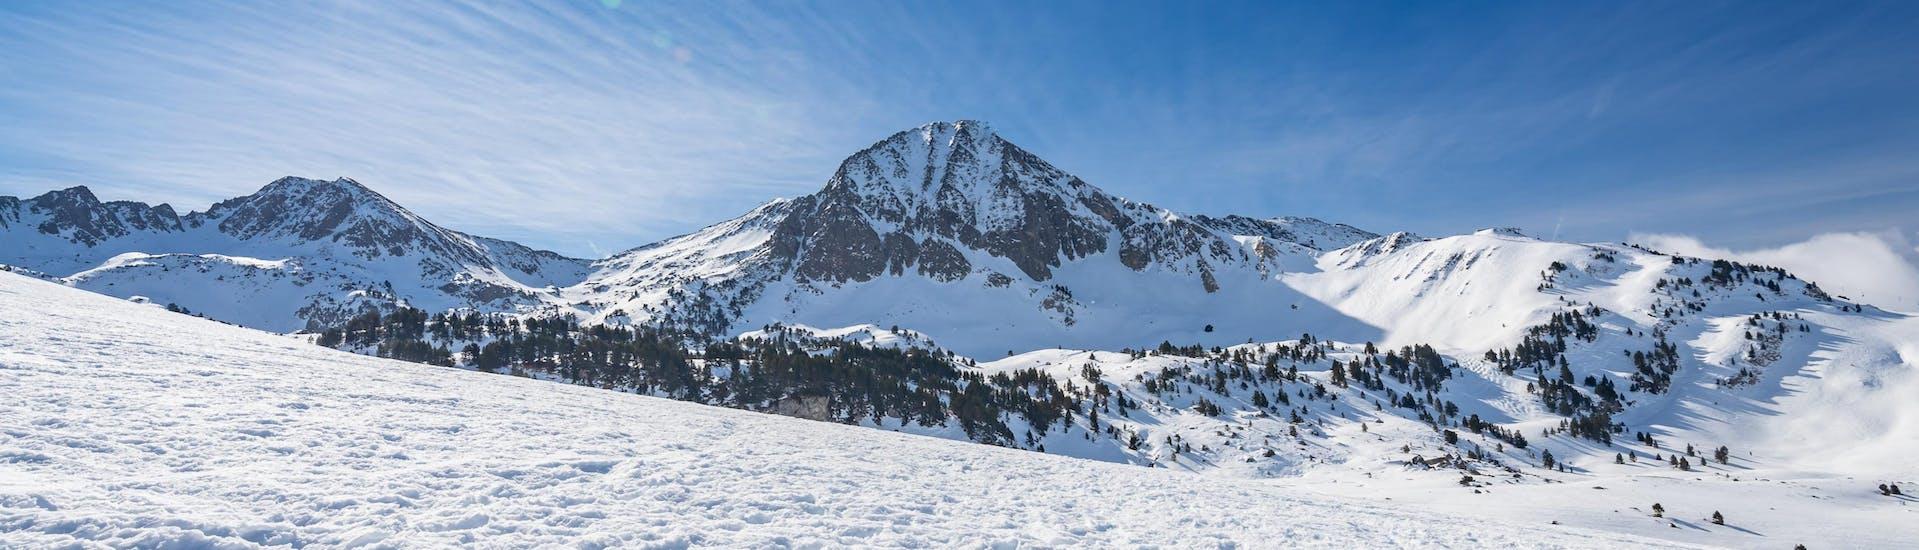 Imagen del sol brillando sobre las montañas nevadas en Baqueira, estación de esquí española done las escuelas de esquí locales ofrecen clases de esquí a los visitantes que quieren aprender a esquiar.